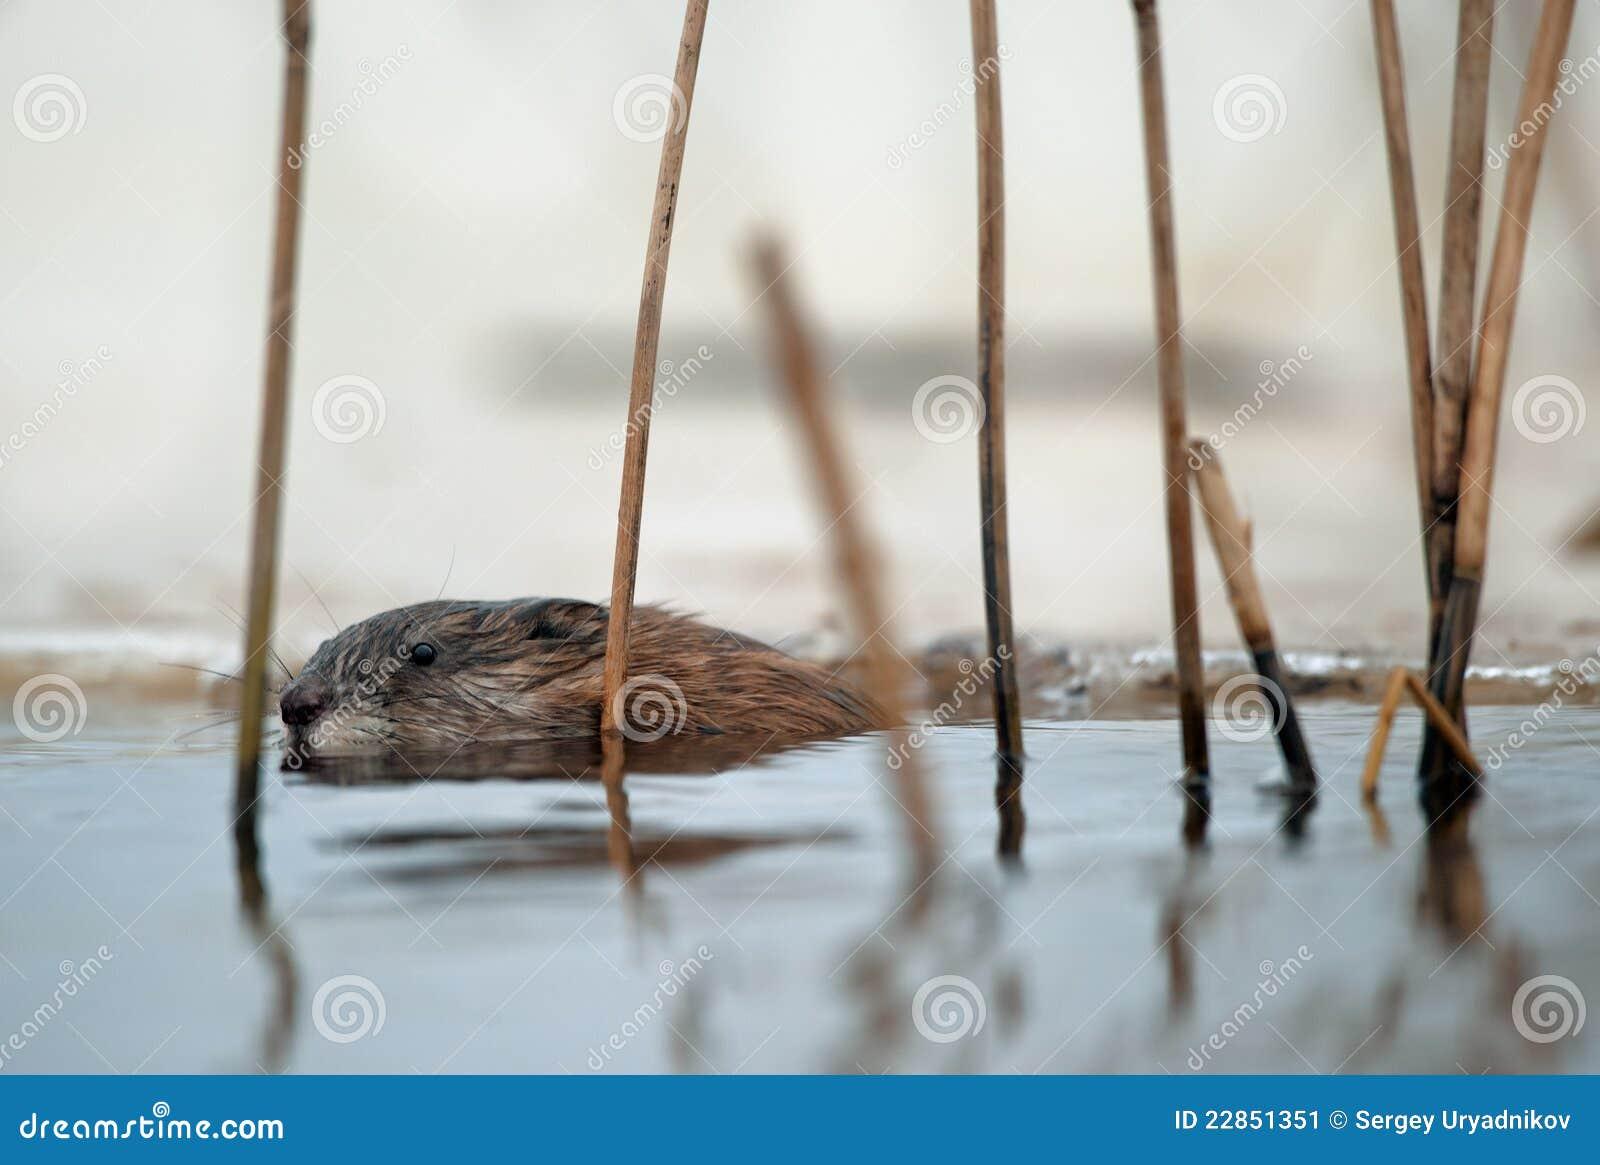 Muskrat da natação